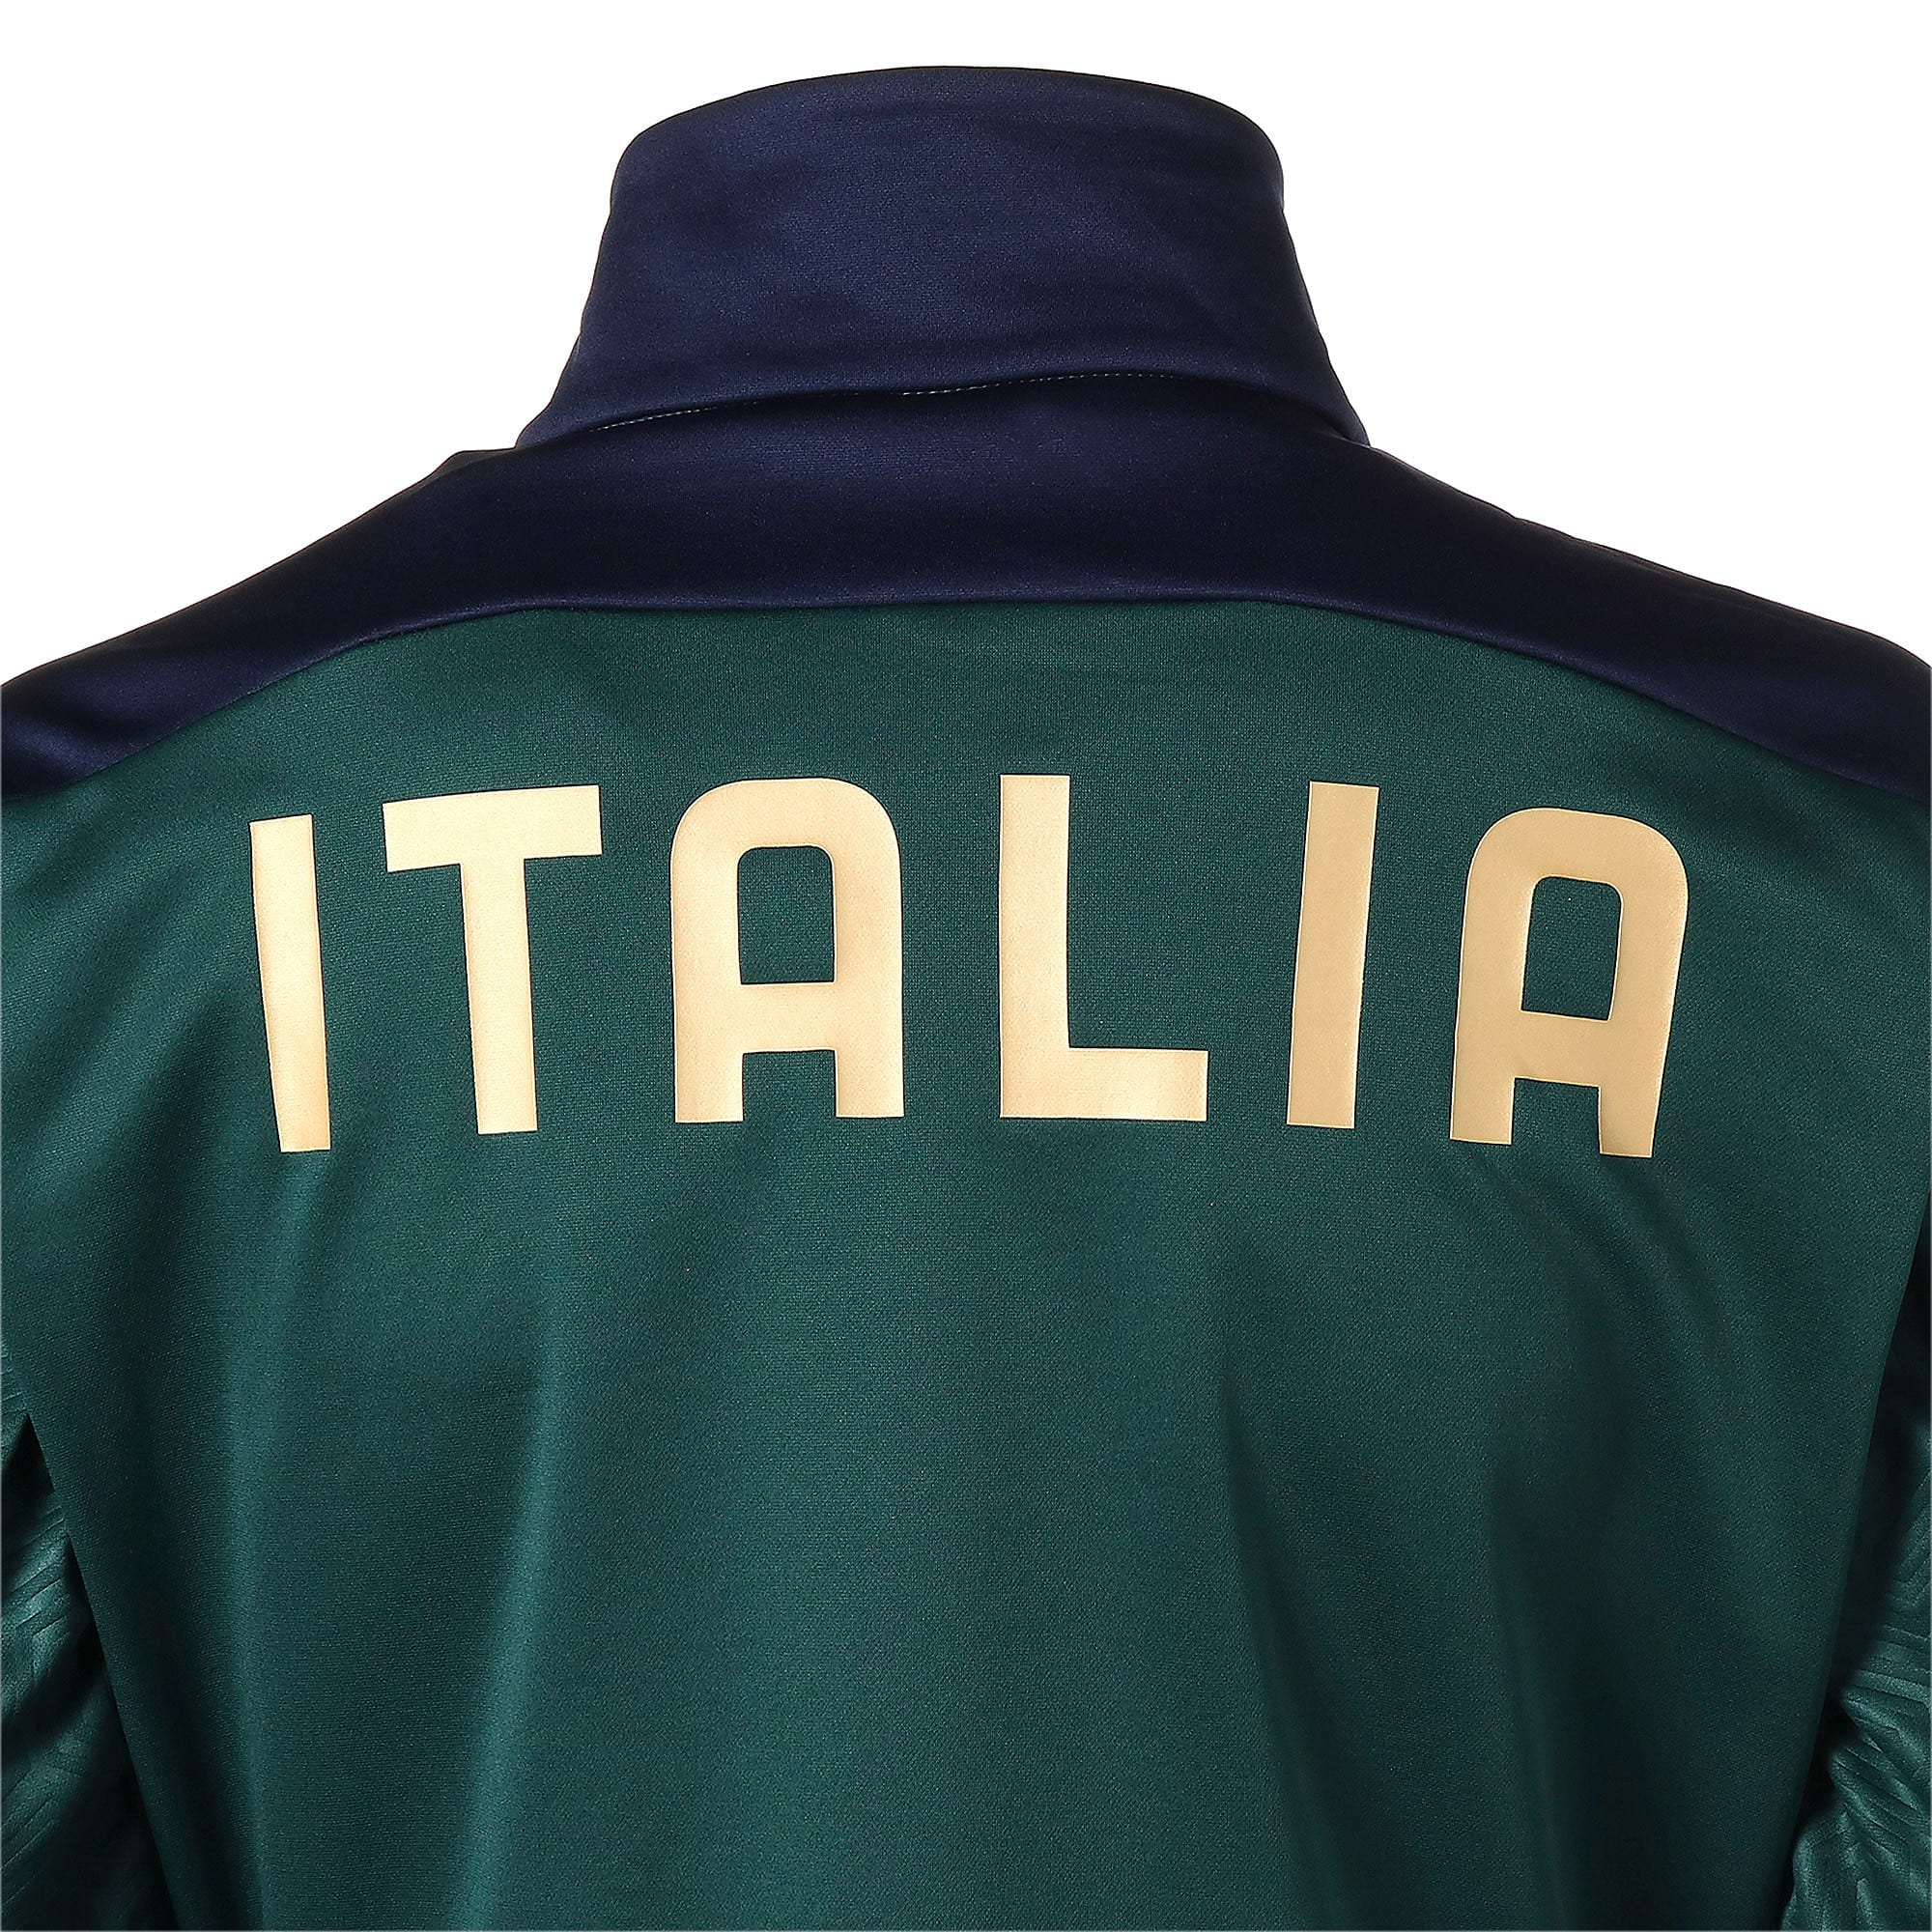 Thumbnail 9 of FIGC イタリア トレーニング フリース, Ponderosa Pine-Peacoat, medium-JPN